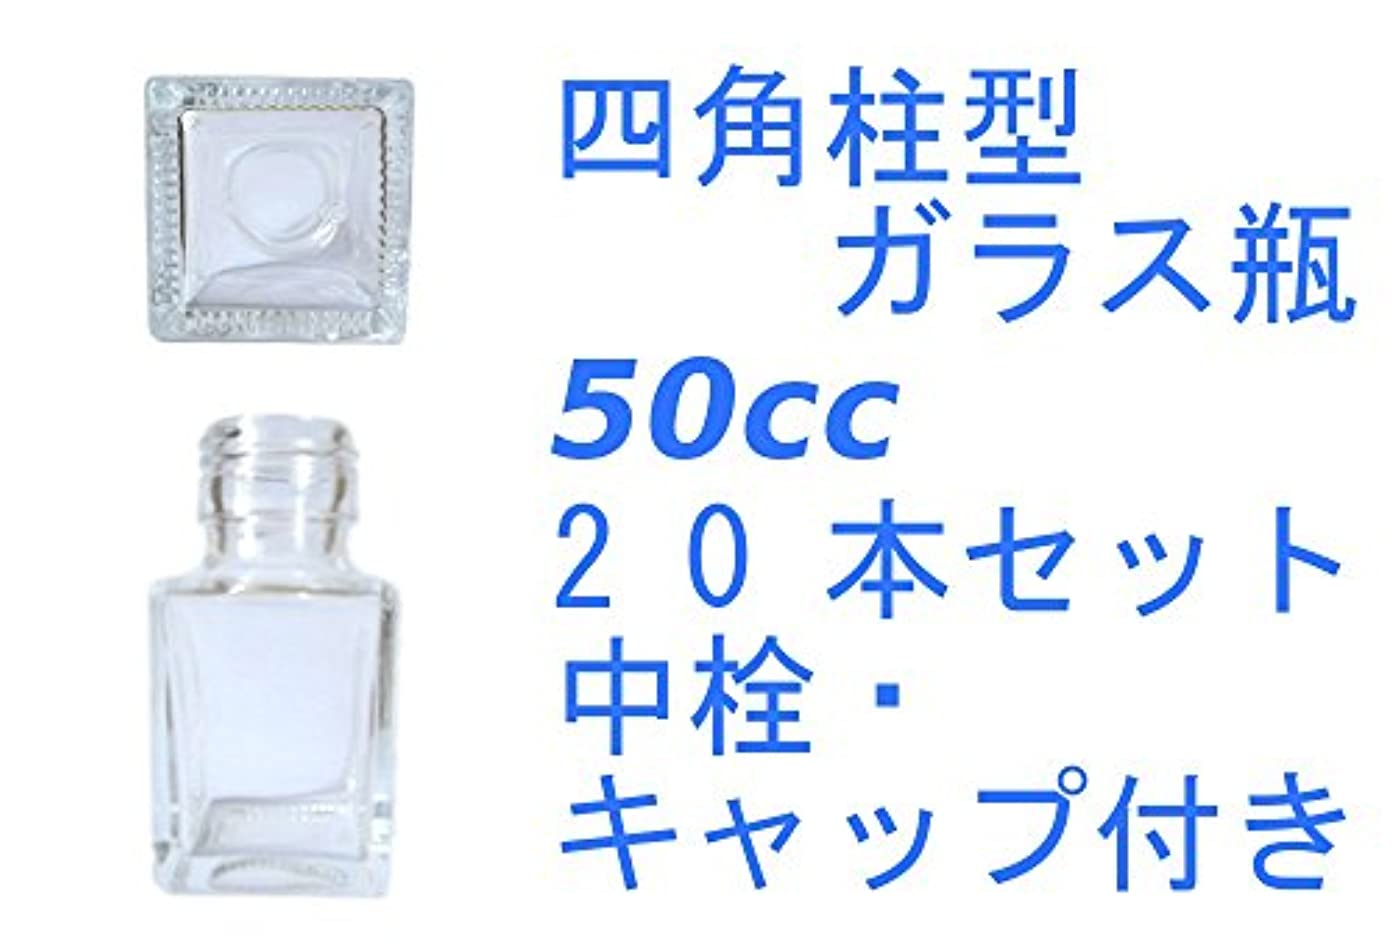 ストレスの多い観光に行く篭(ジャストユーズ) JustU's 日本製 ポリ栓 中栓付き四角柱型ガラス瓶 20本セット 50cc 50ml アロマディフューザー ハーバリウム 調味料 オイル タレ ドレッシング瓶 B20-SSE50A-S